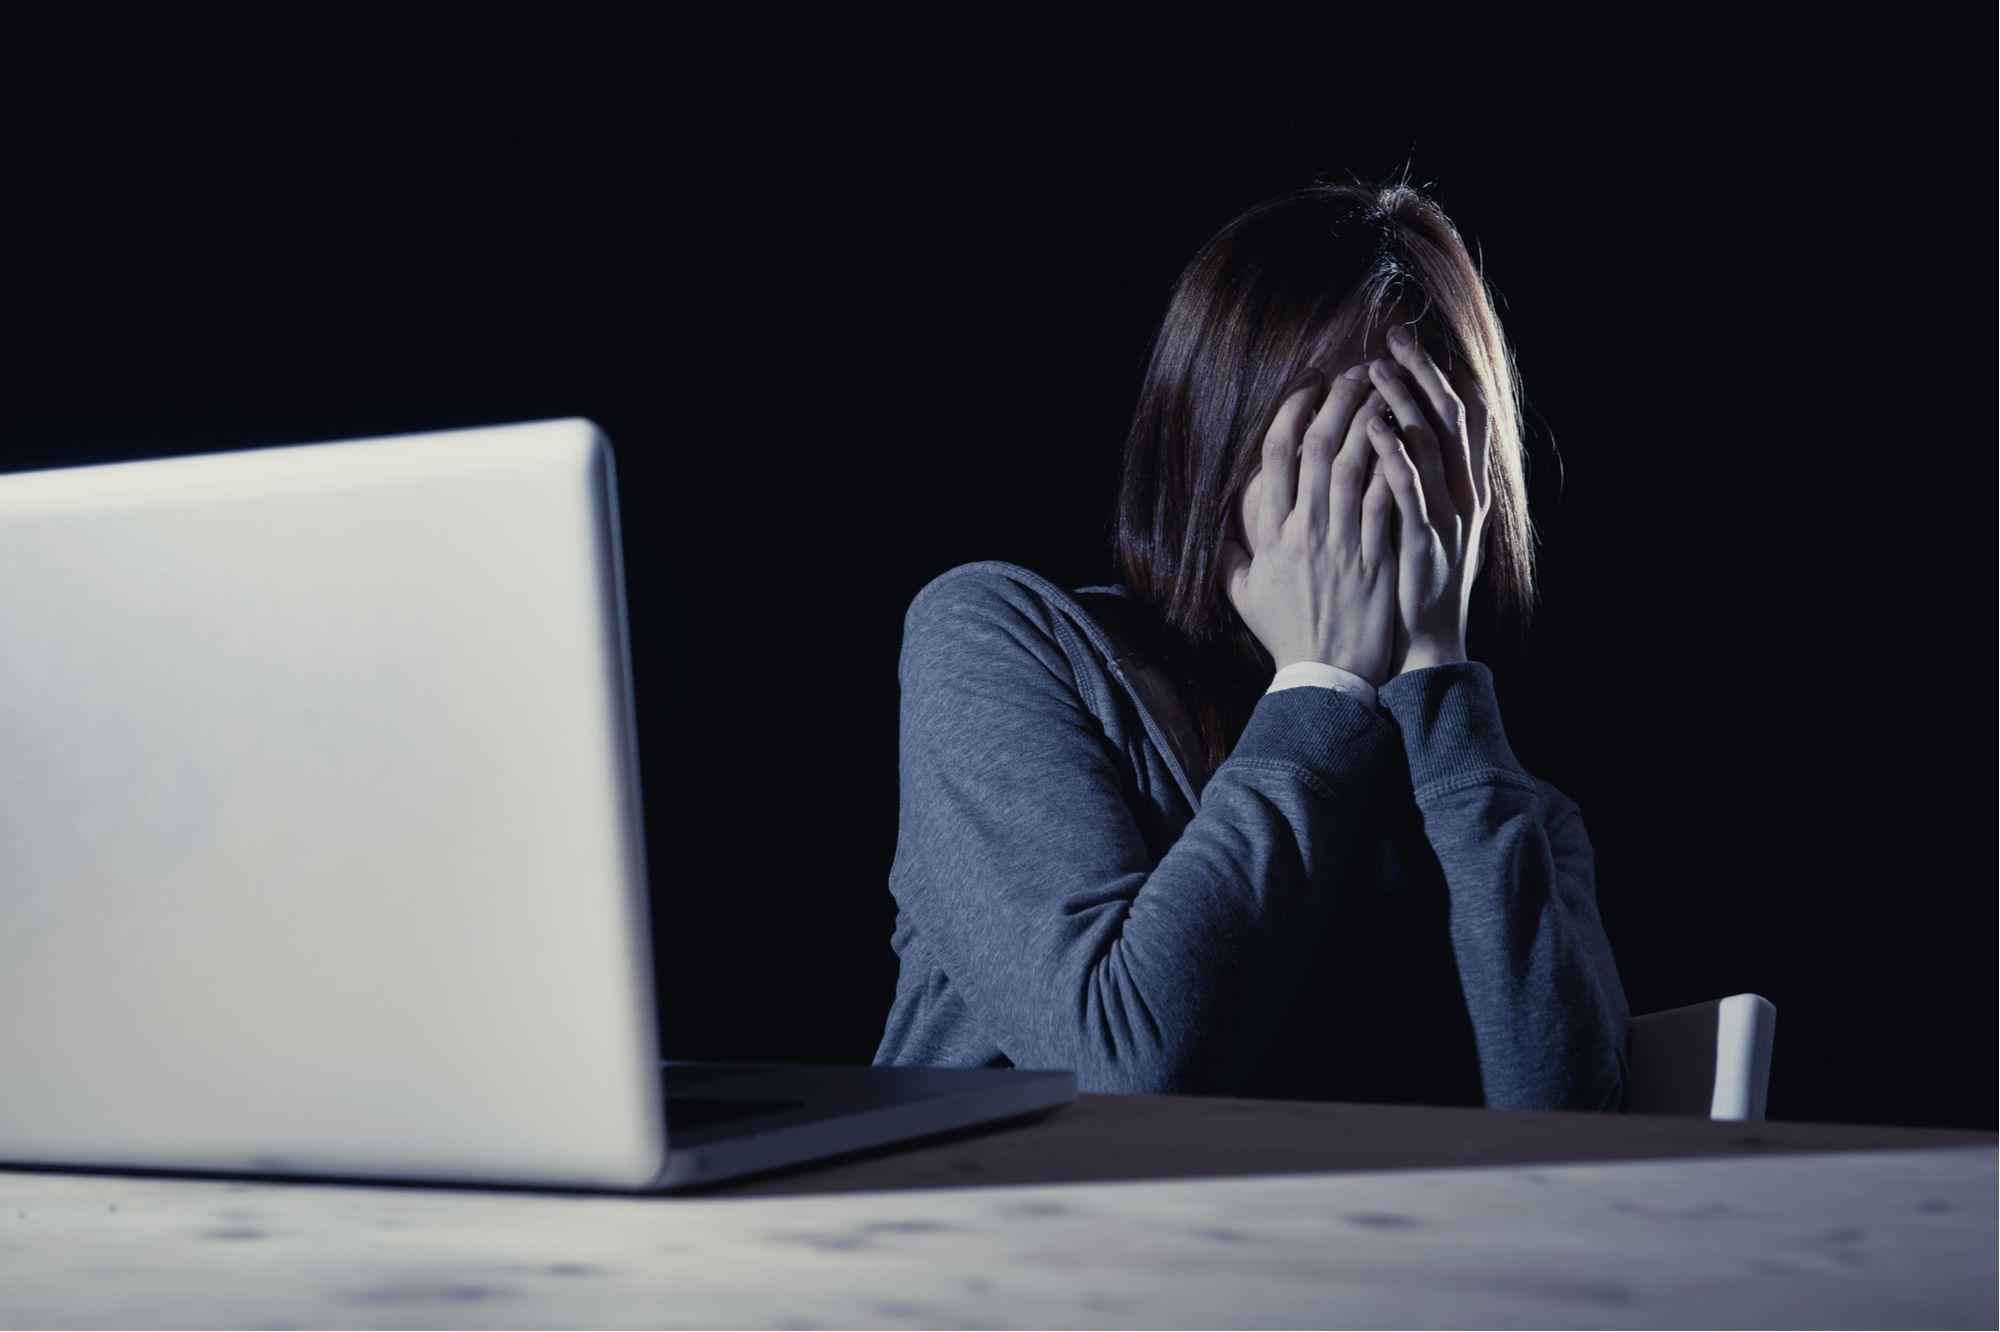 Mulher diz que foi vítima de agressões e teve fotos íntimas divulgadas em site de prostituição pelo ex-companheiro